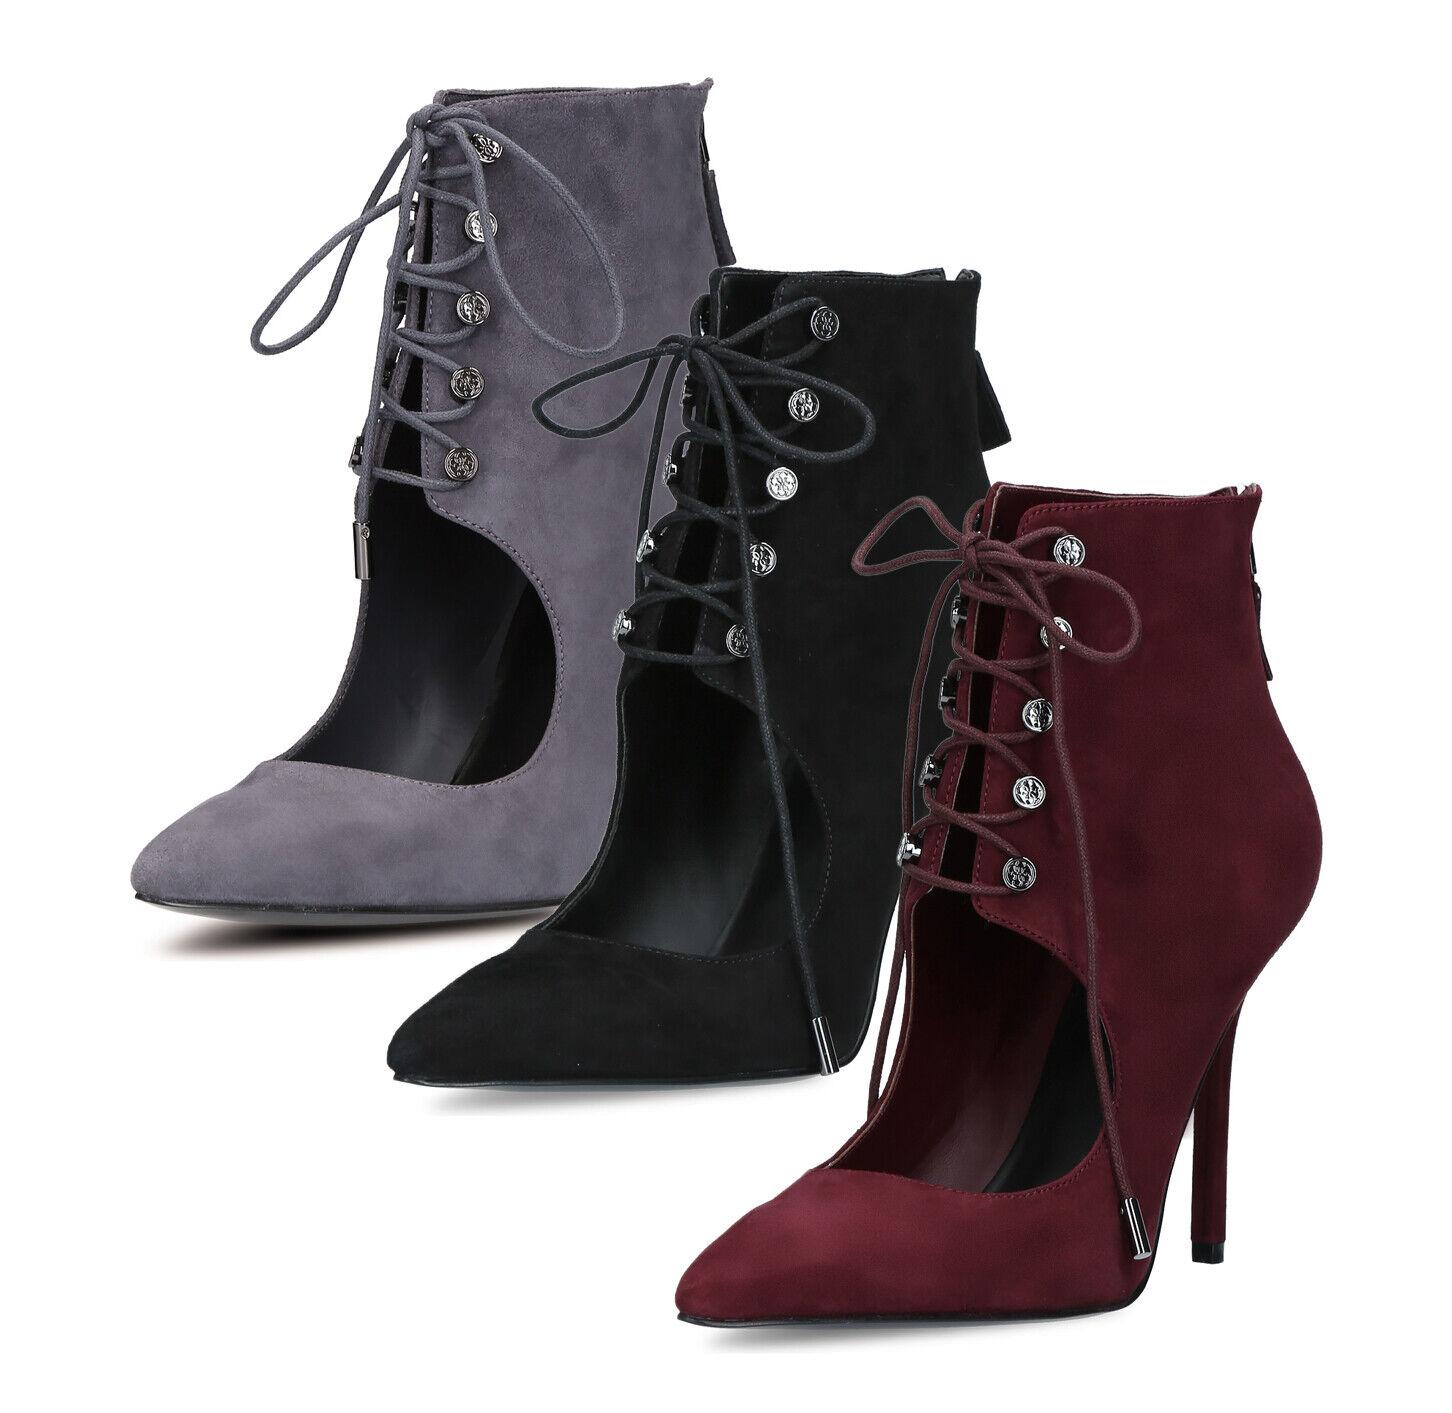 GUESS Damen Ankle Stiefel Stiefel Schuhe echt Leder leicht Stiefeletten